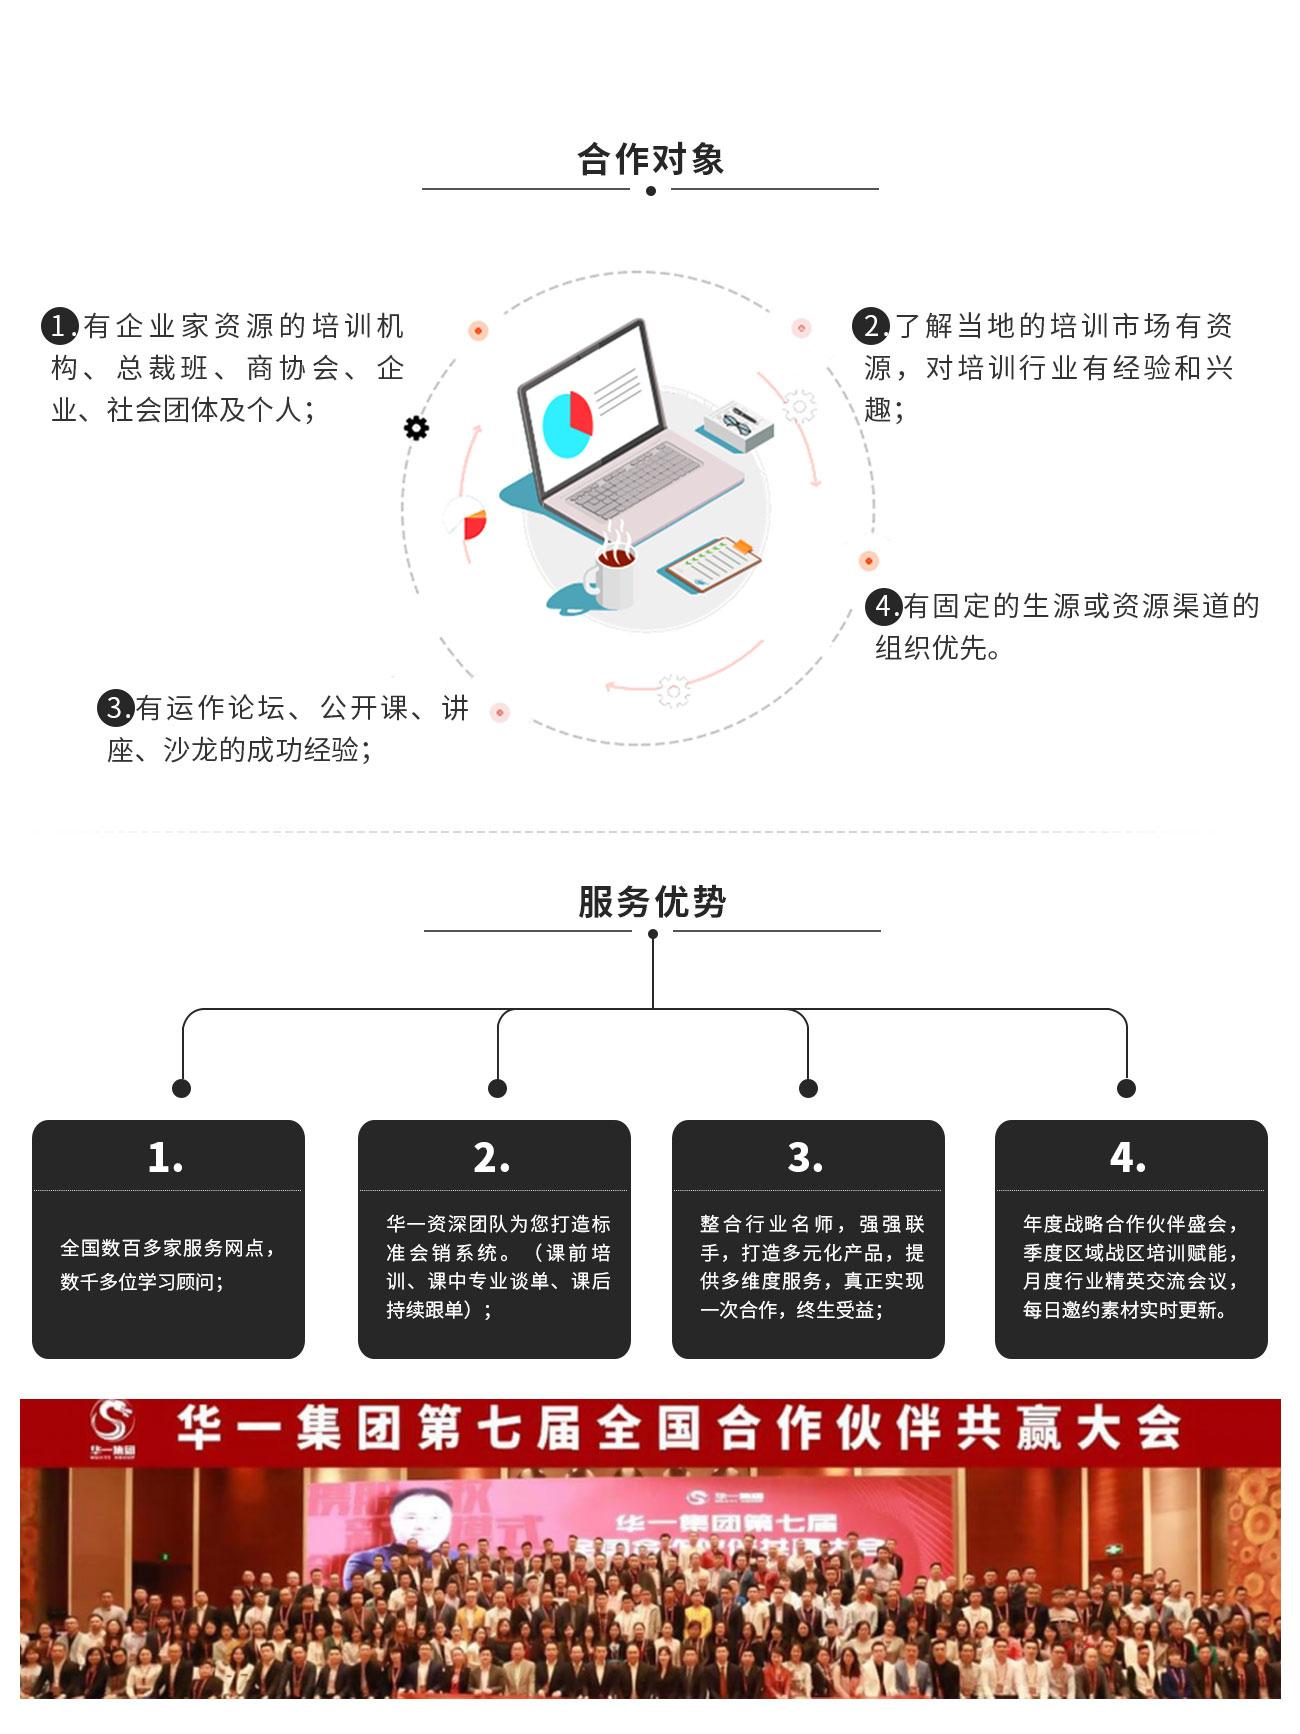 华一世纪招商合作图1